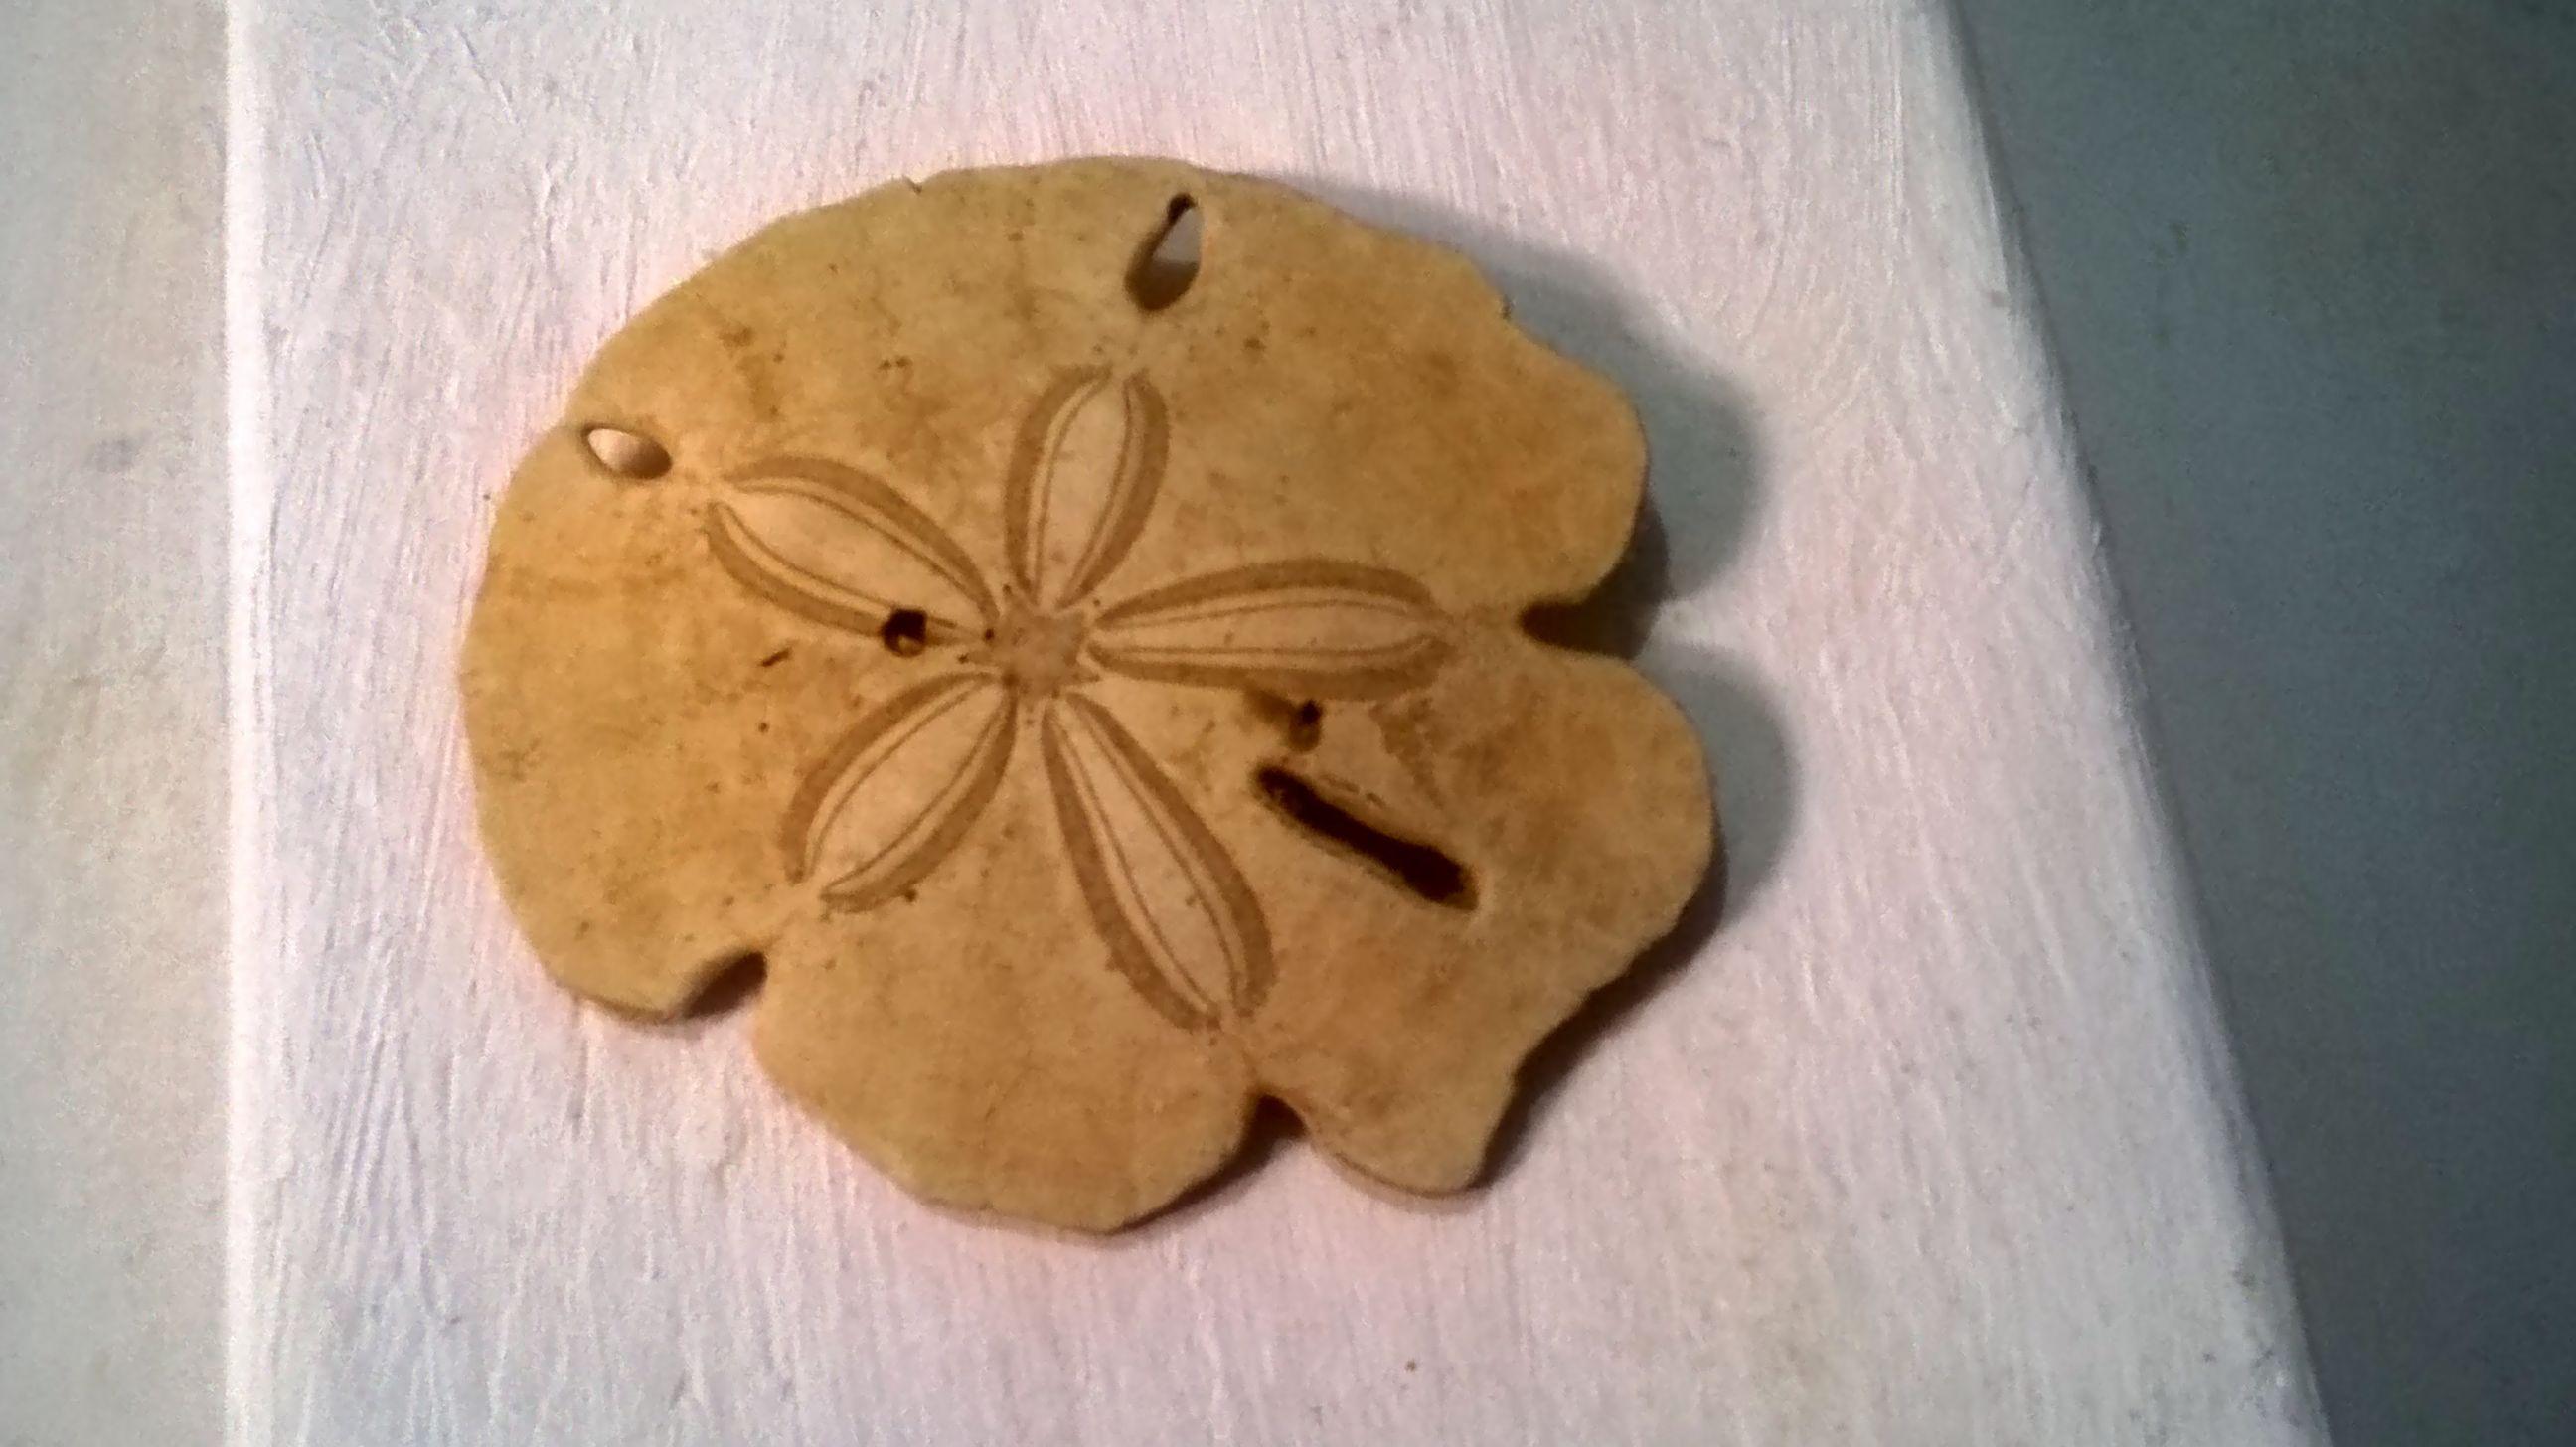 Estrela do mar, uma variação da espécie que vem com este desenho sobre sua casca. Fica na minha parede! Ah! Encontrei-a já morta... Não teria coragem de matá-la apenas para servir de enfeite.